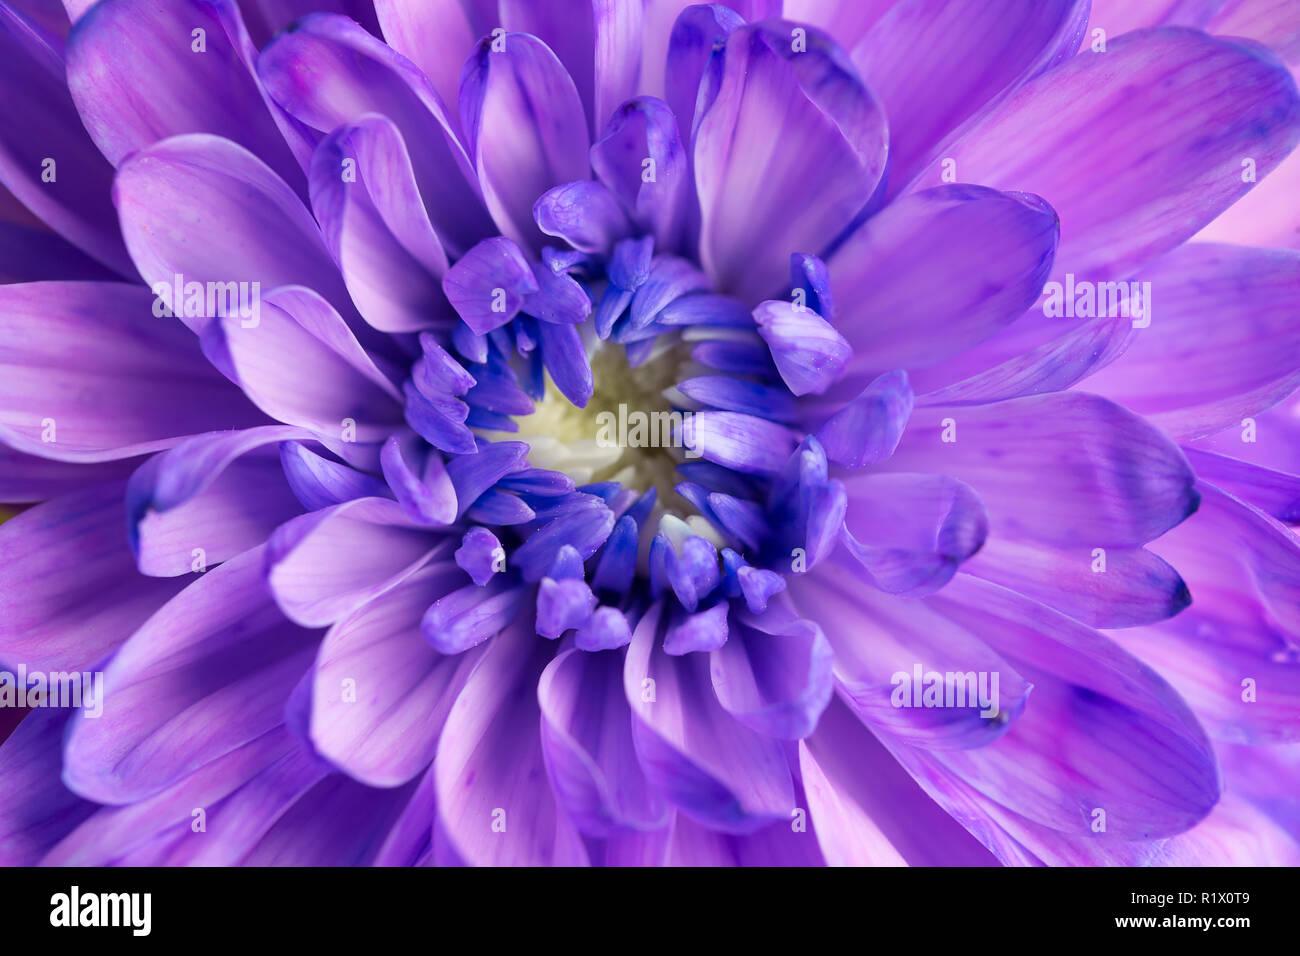 Crisantemo viola fiore closeup Foto Stock